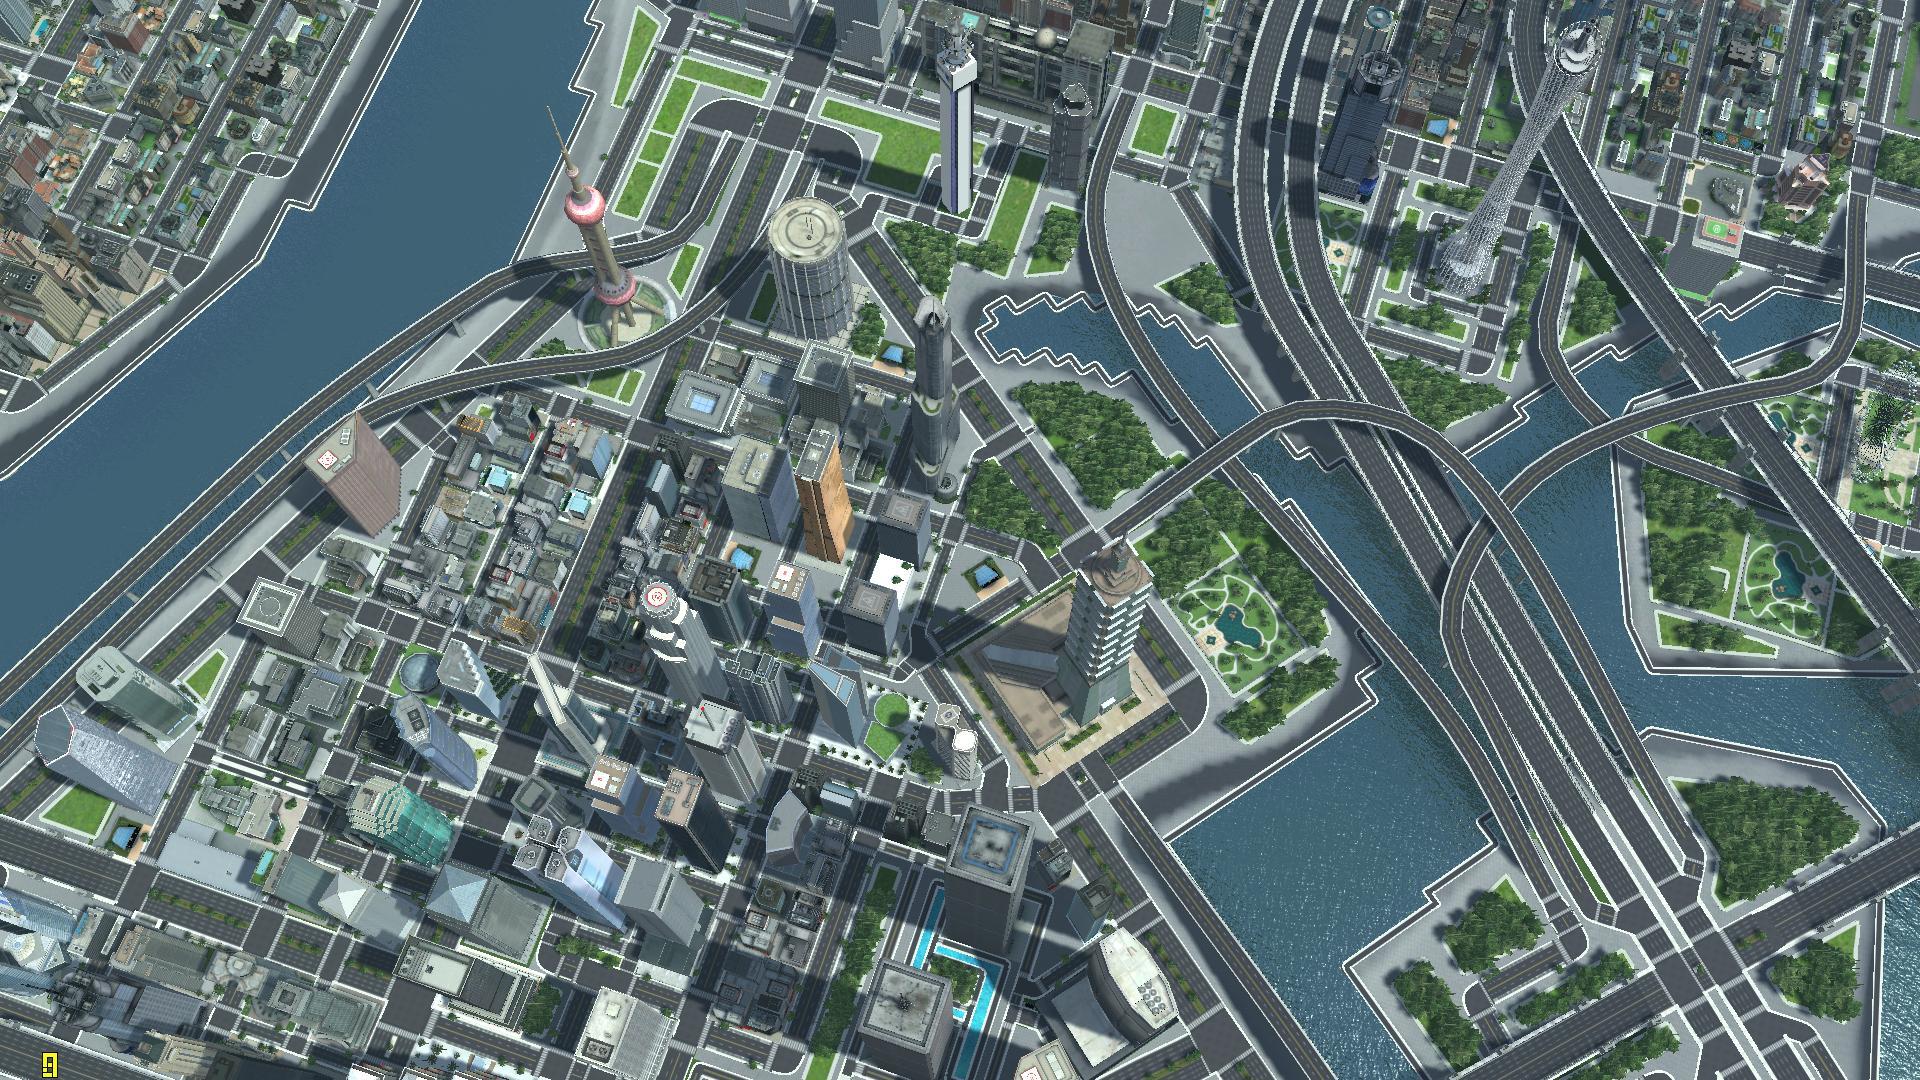 CitiesXL_2012 2014-11-06 16-52-22-24.jpg